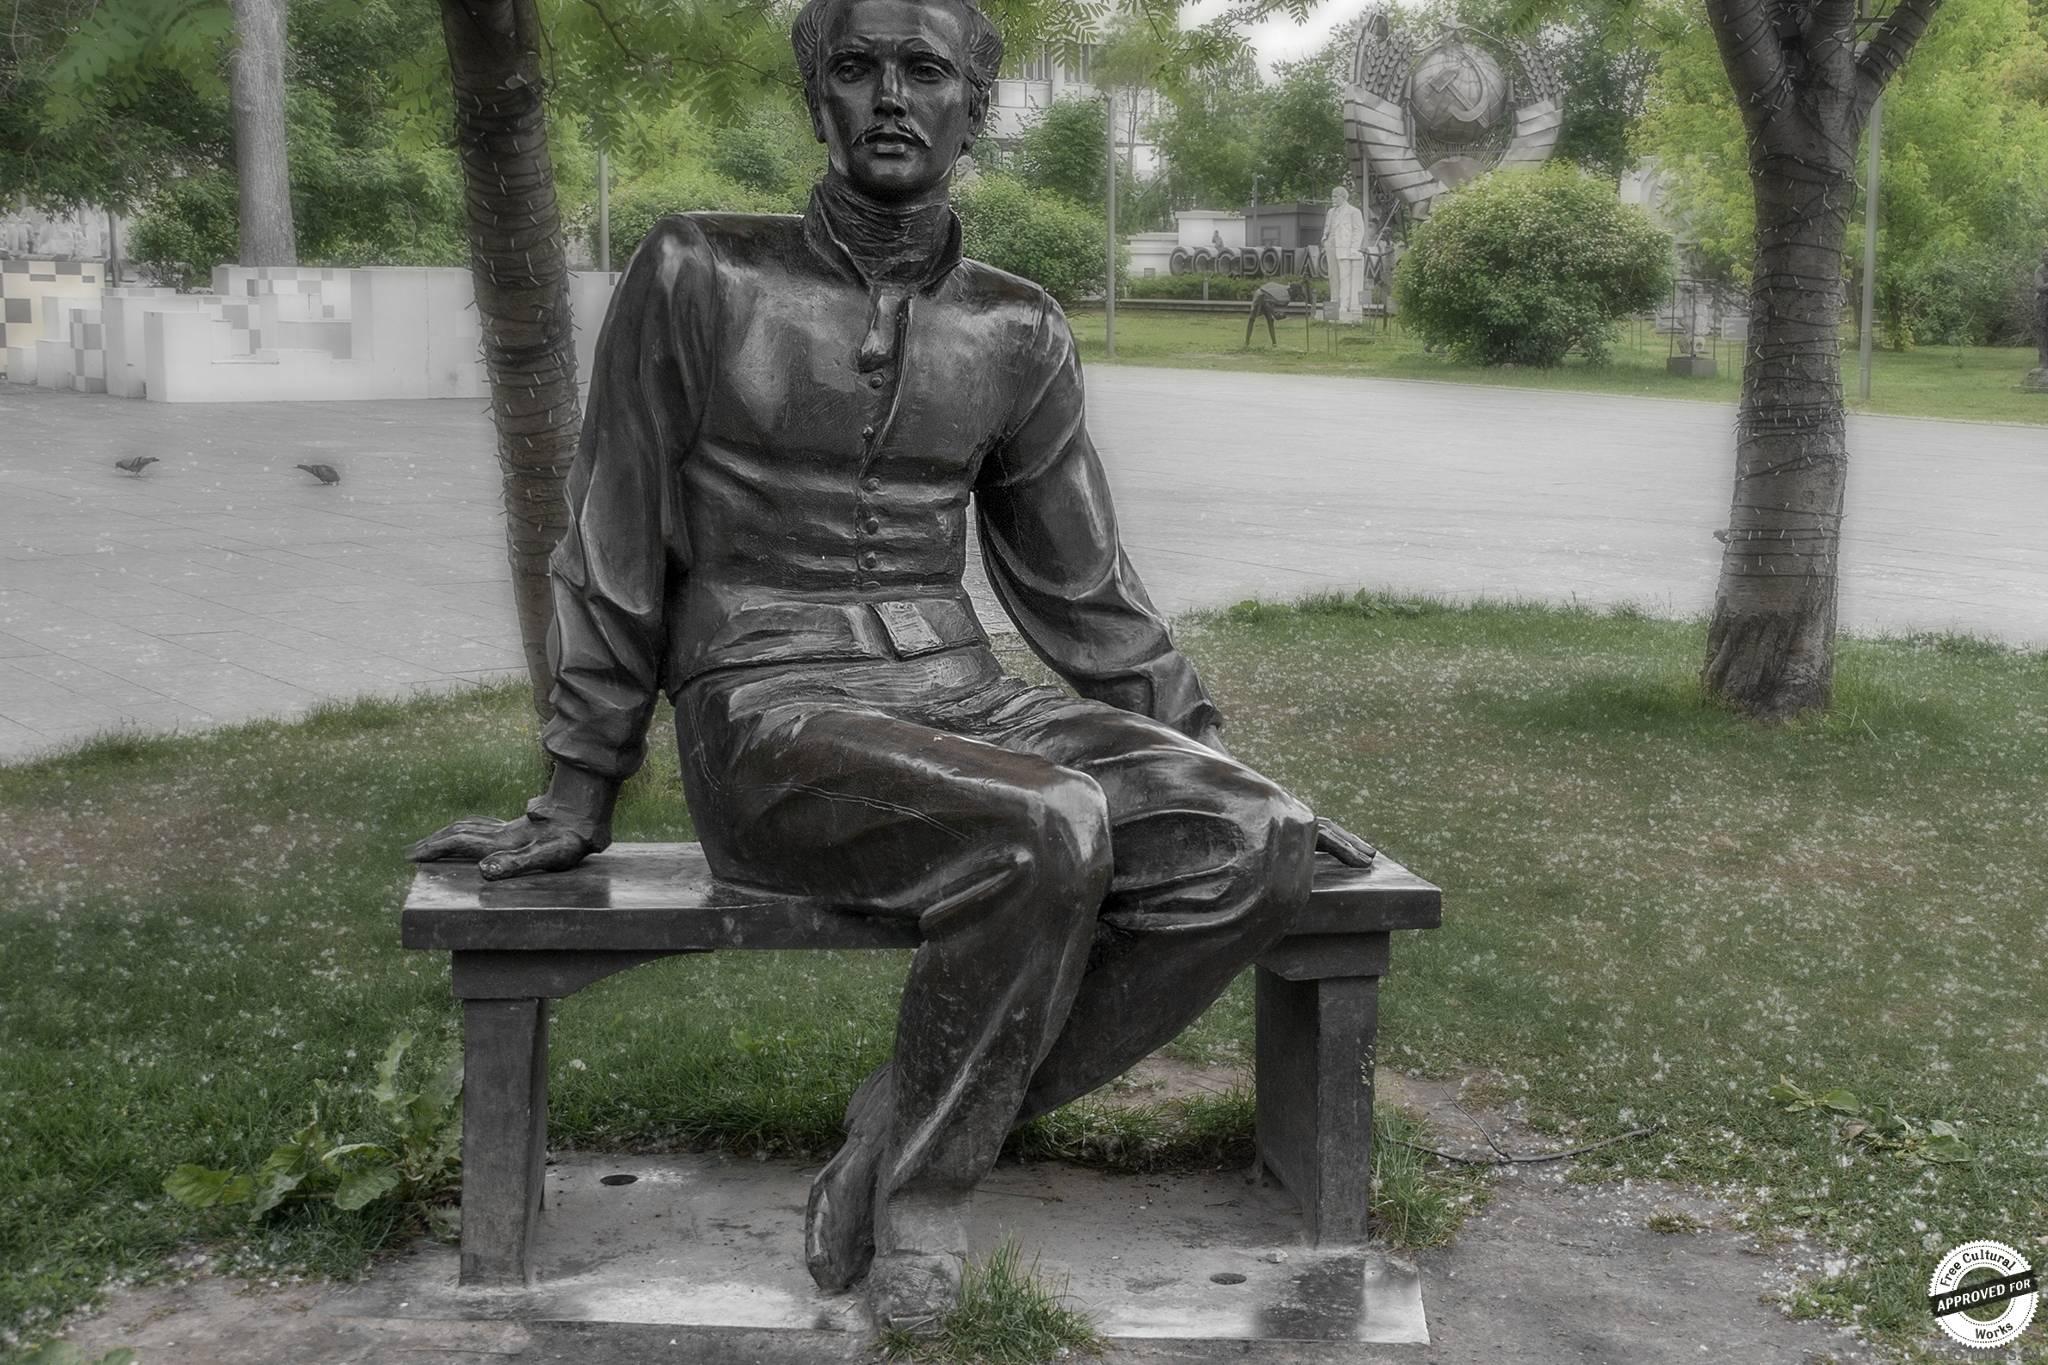 Лермонтов М. Ю.  скульптор О. К. Комов, 1985 год, бронза, Музеон, Парки москвы.